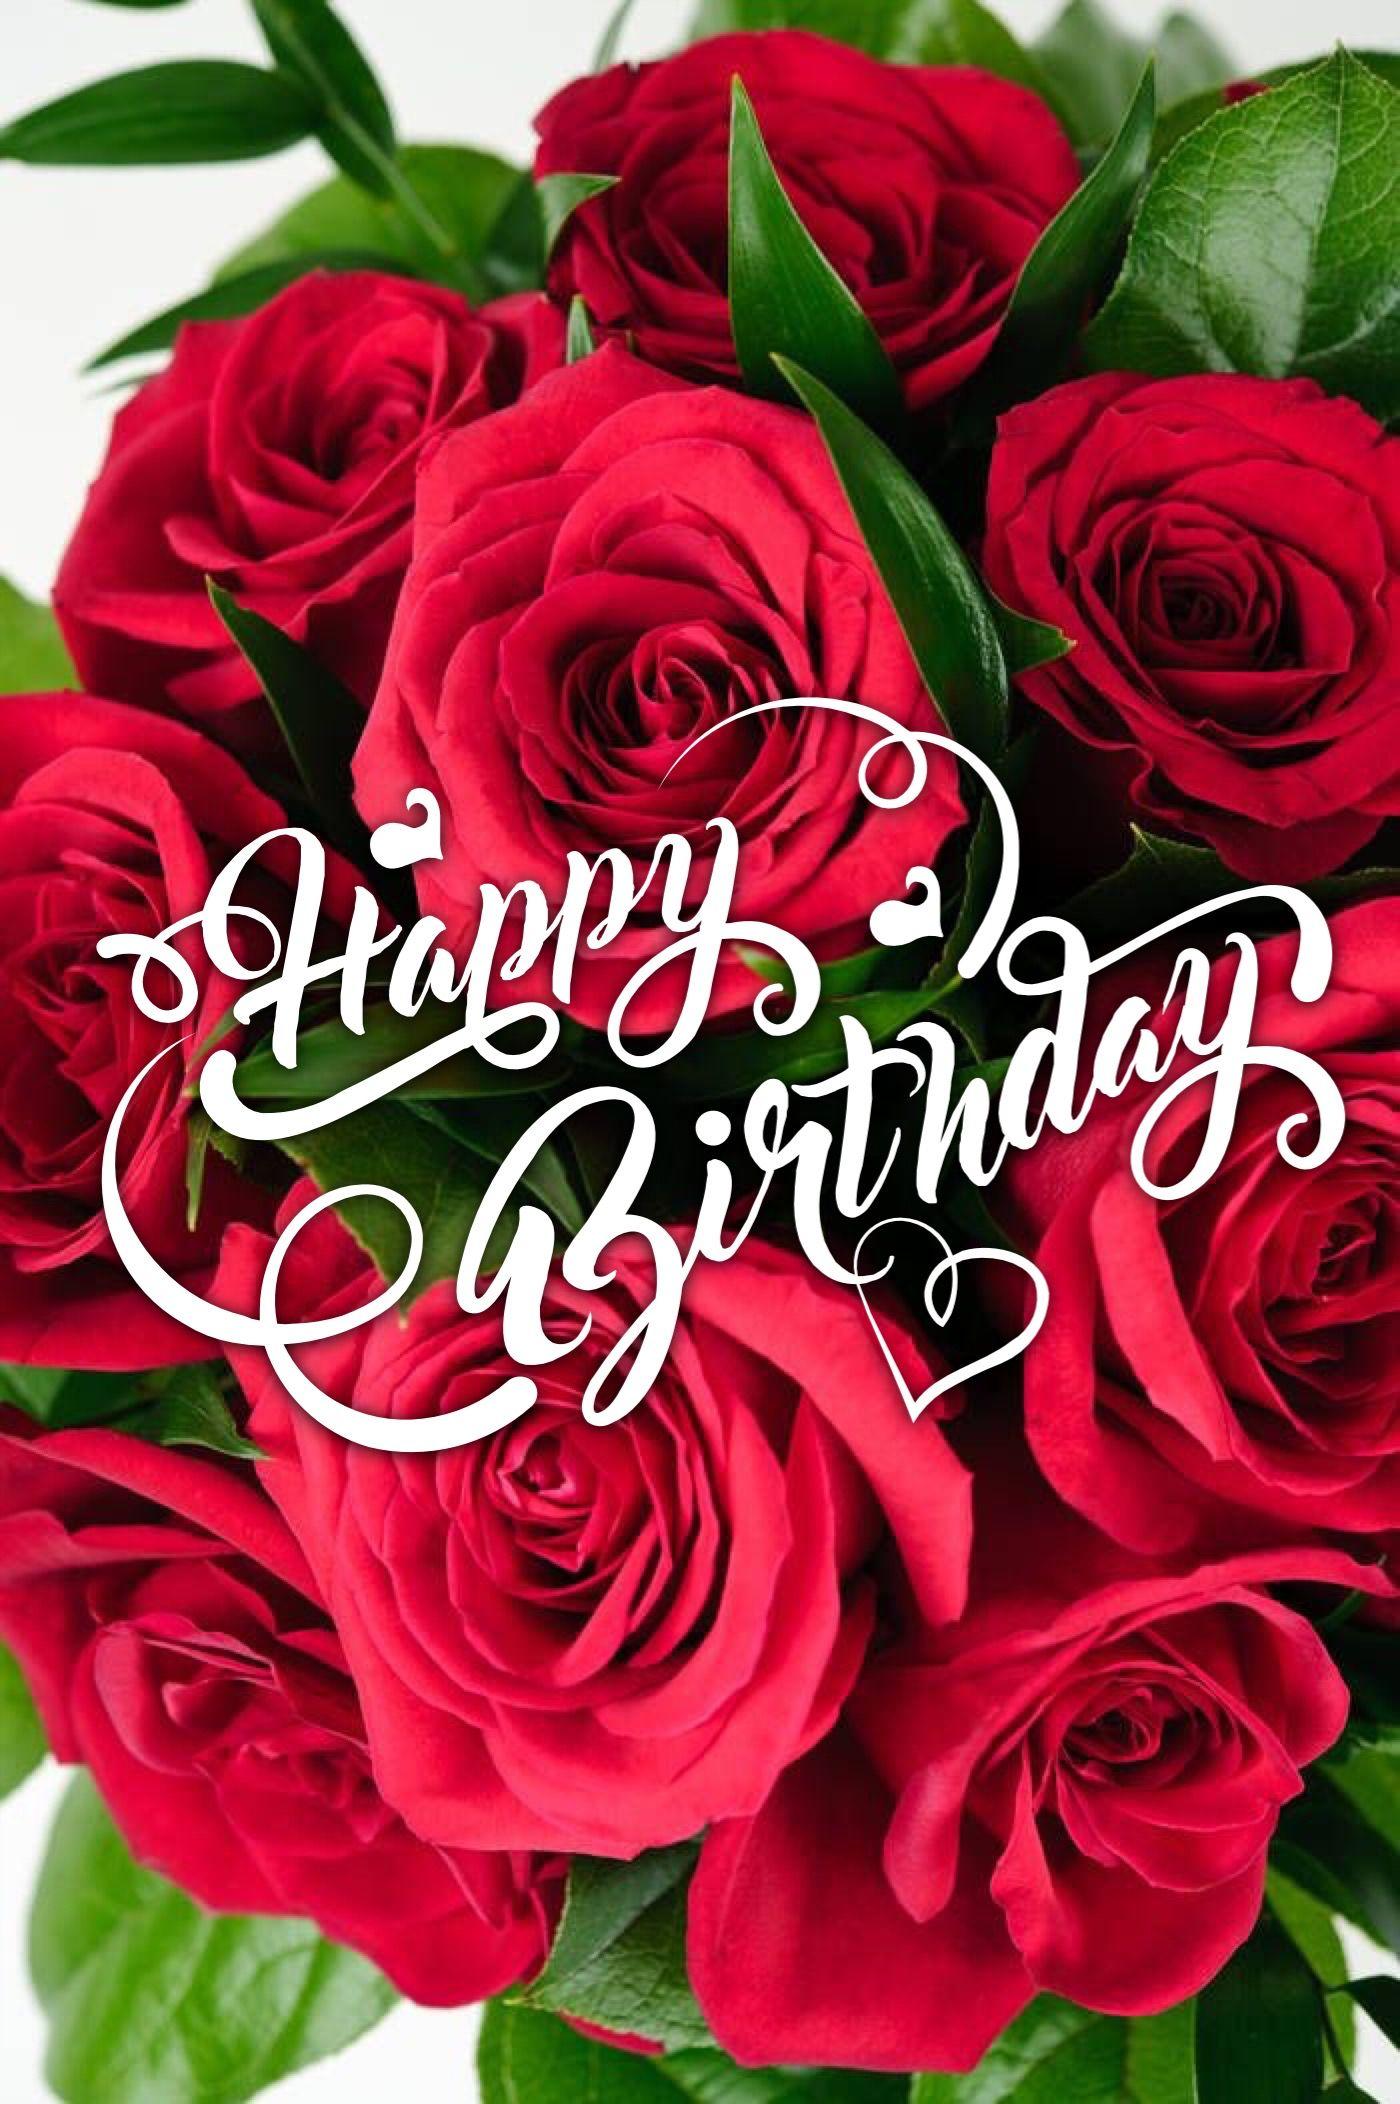 Happy Birthday Birthday wishes flowers, Happy birthday